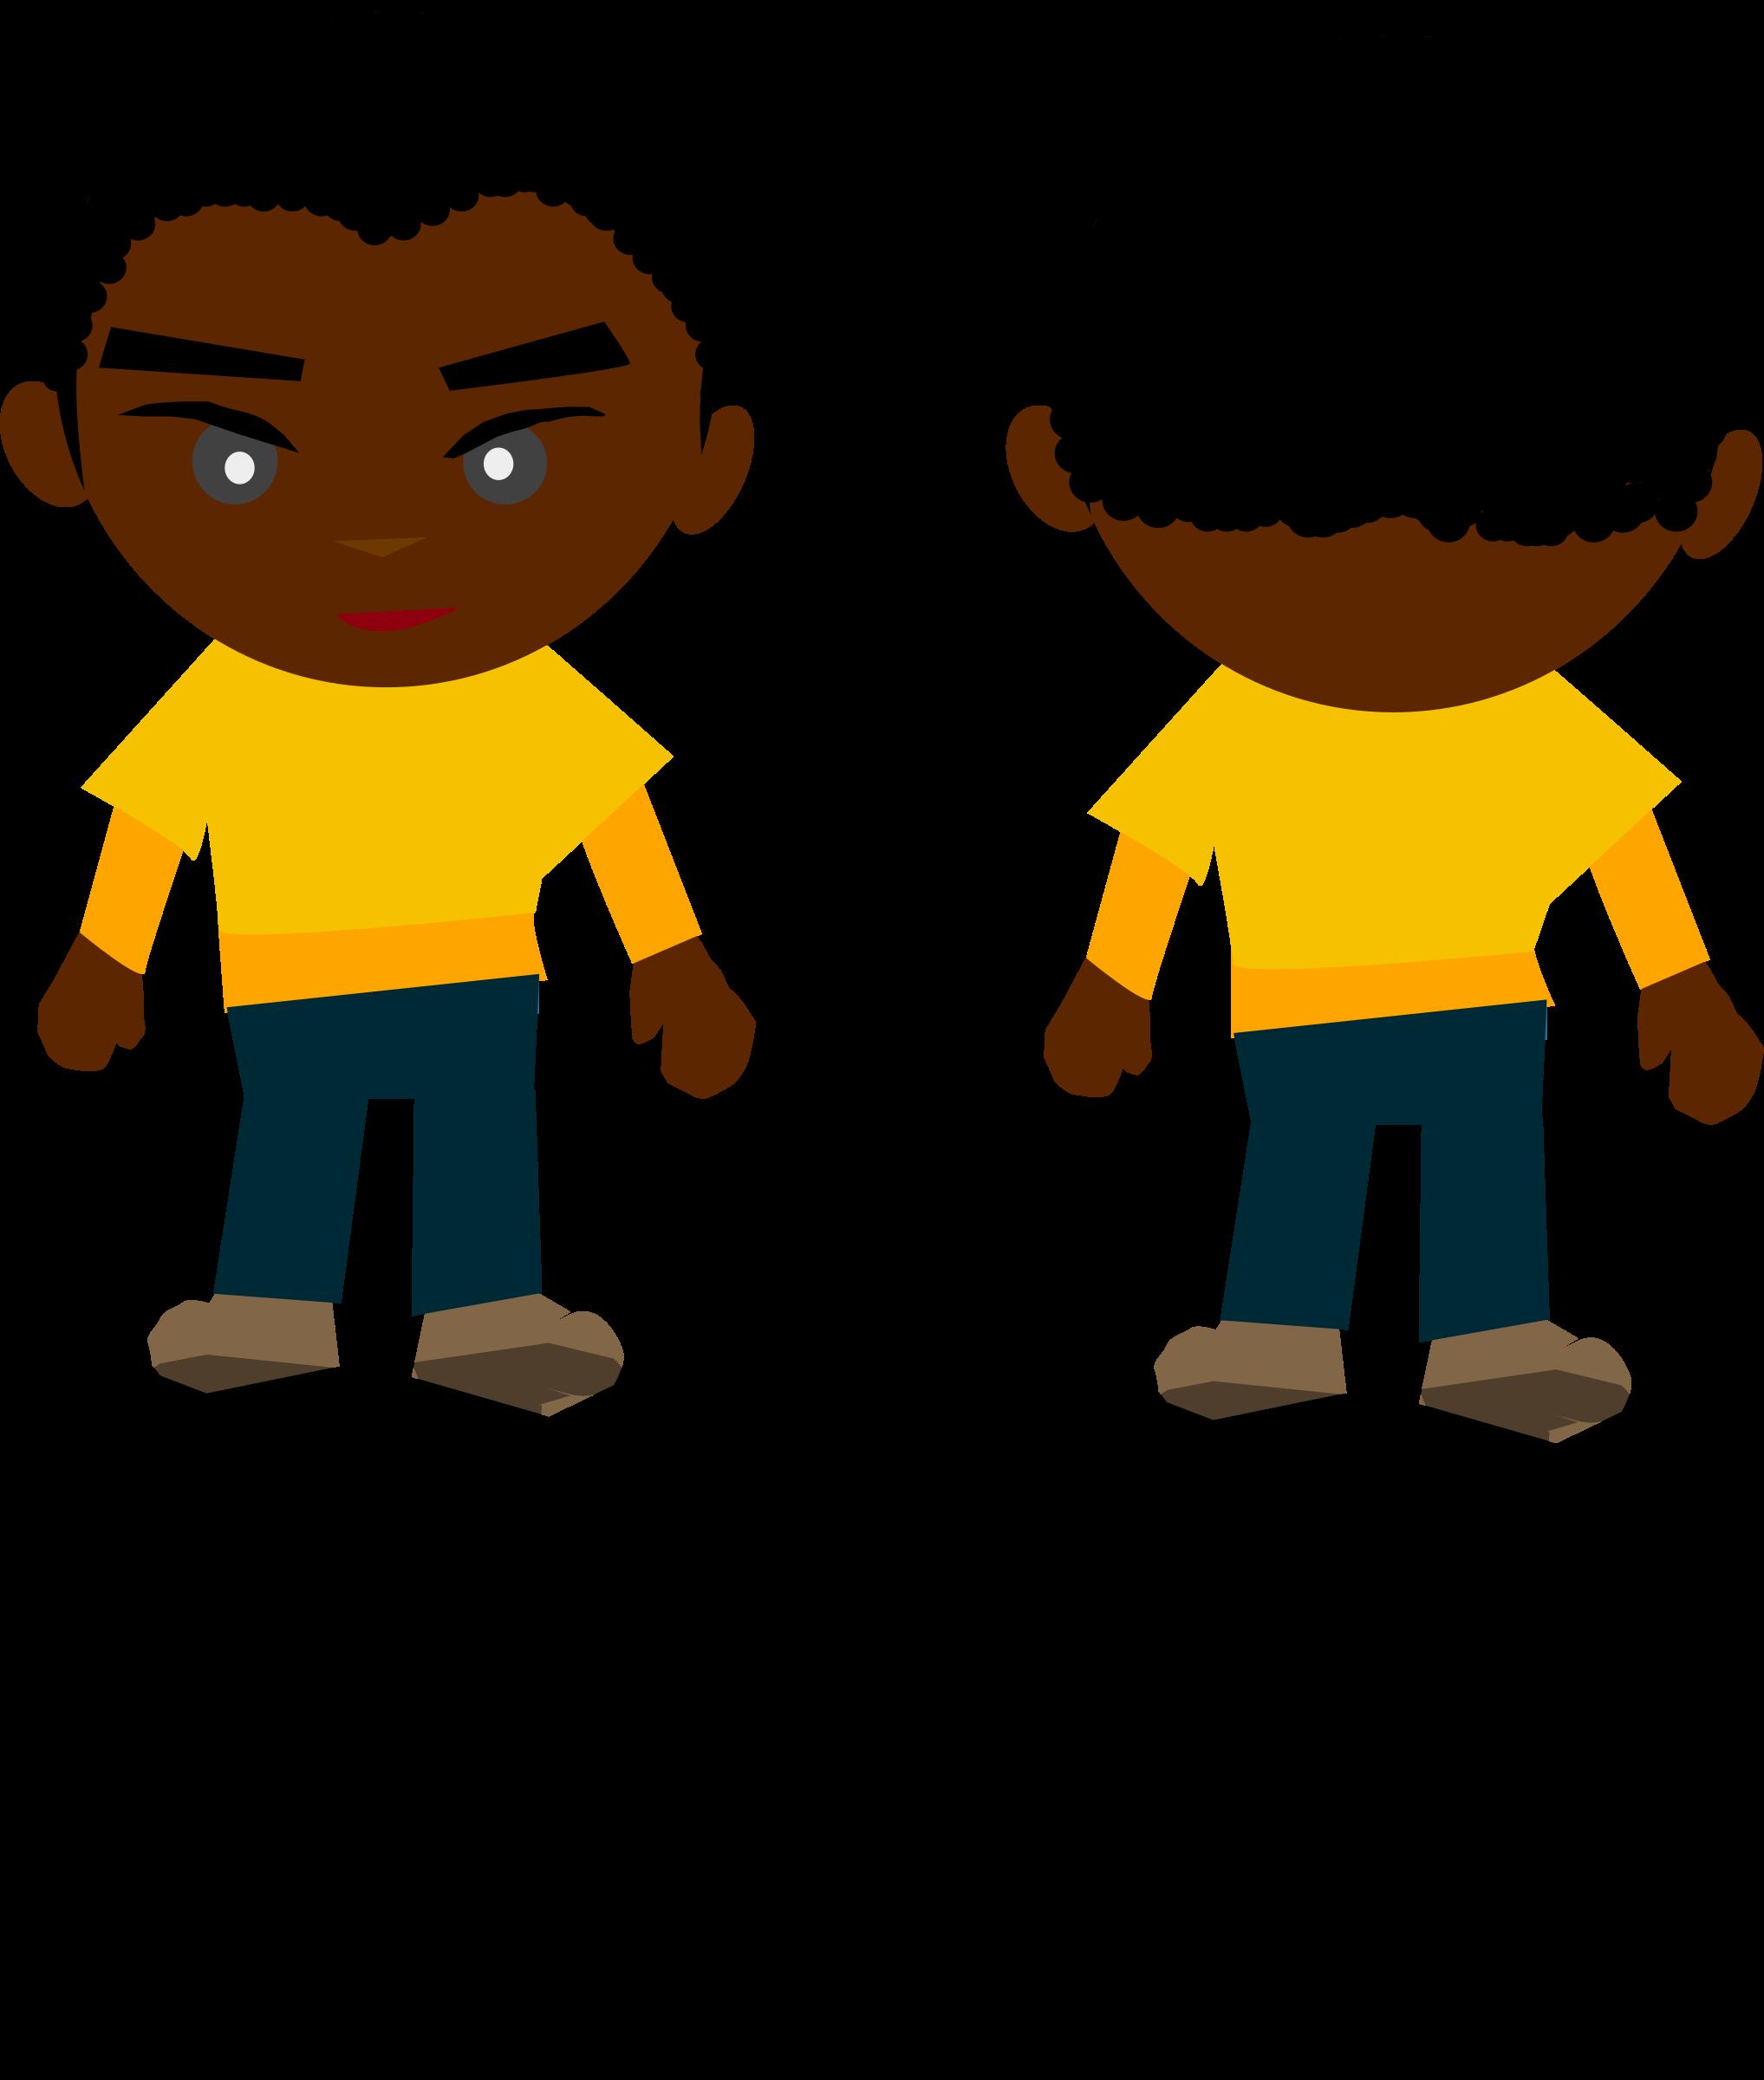 Human clipart child. Black boy png big